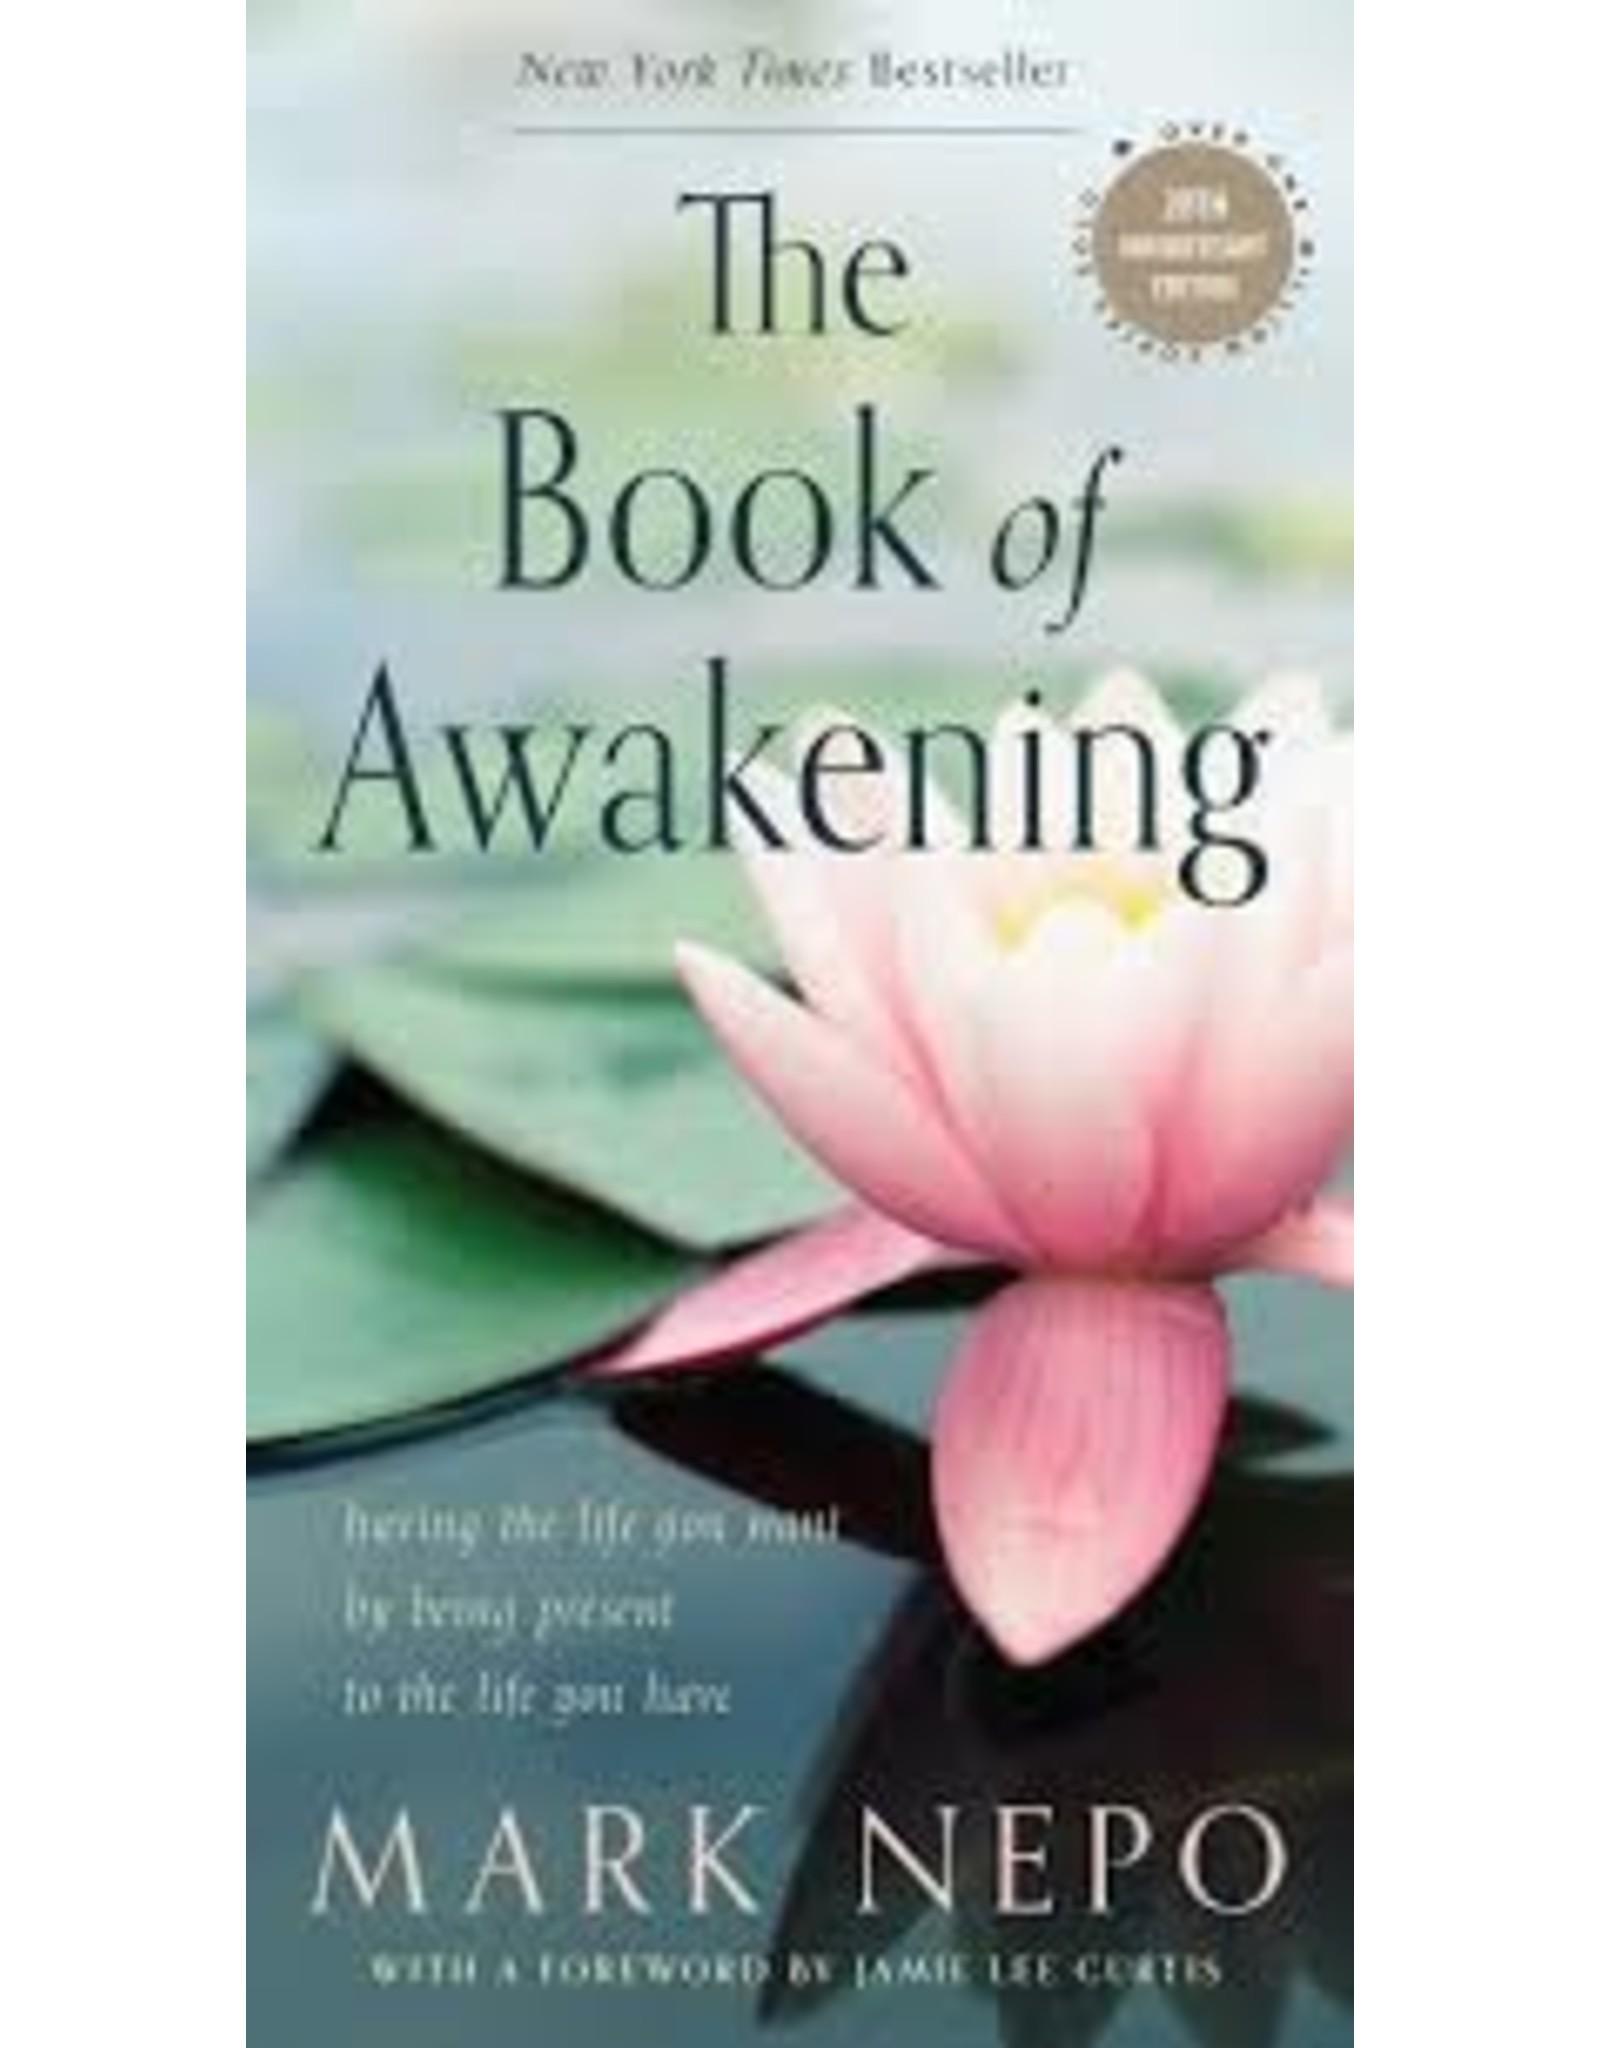 Books The Book of Awakening by Mark Nepo  20th Anniversary